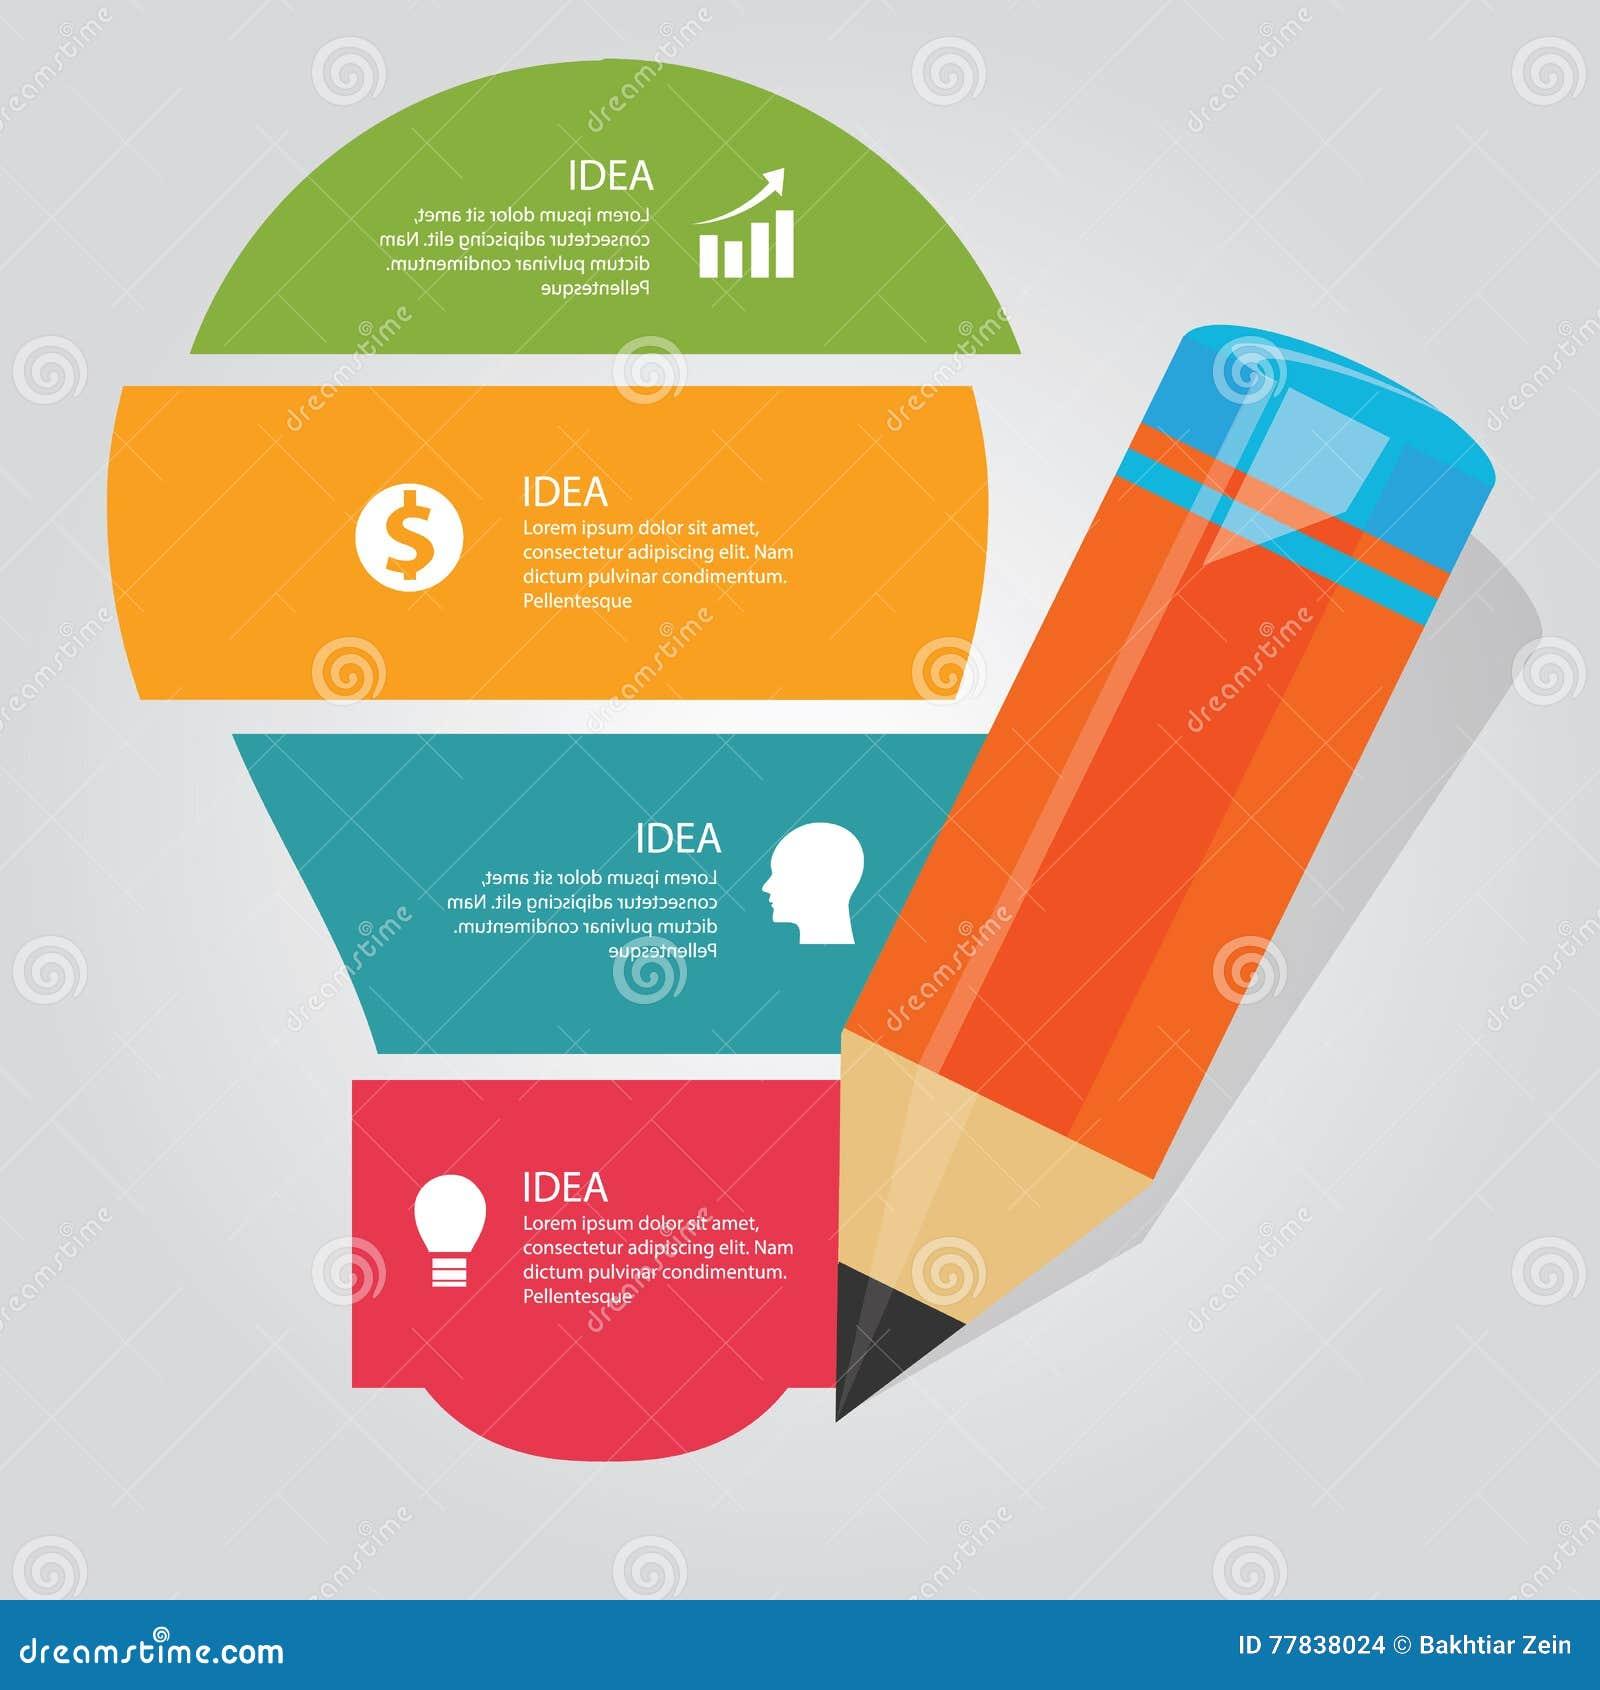 Lampa för kula för blyertspenna för förklaring för beståndsdelar för mall för design för idé för information om utbildning grafis